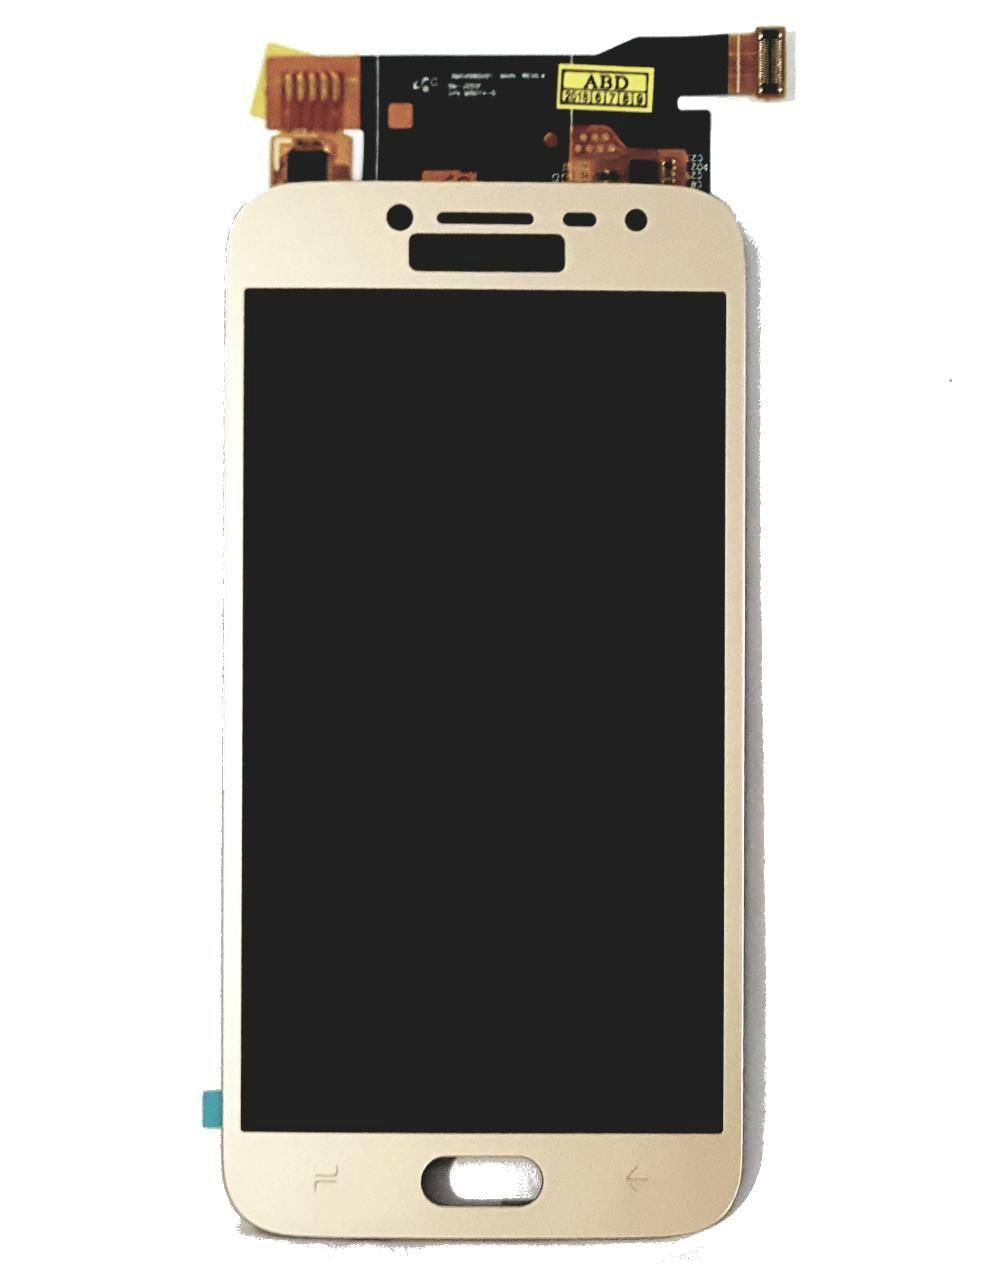 Frontal Tela  Display Samsung J2 Pro Sm-j250f/ds J250 Dourado Paralela com regulagem de brilho